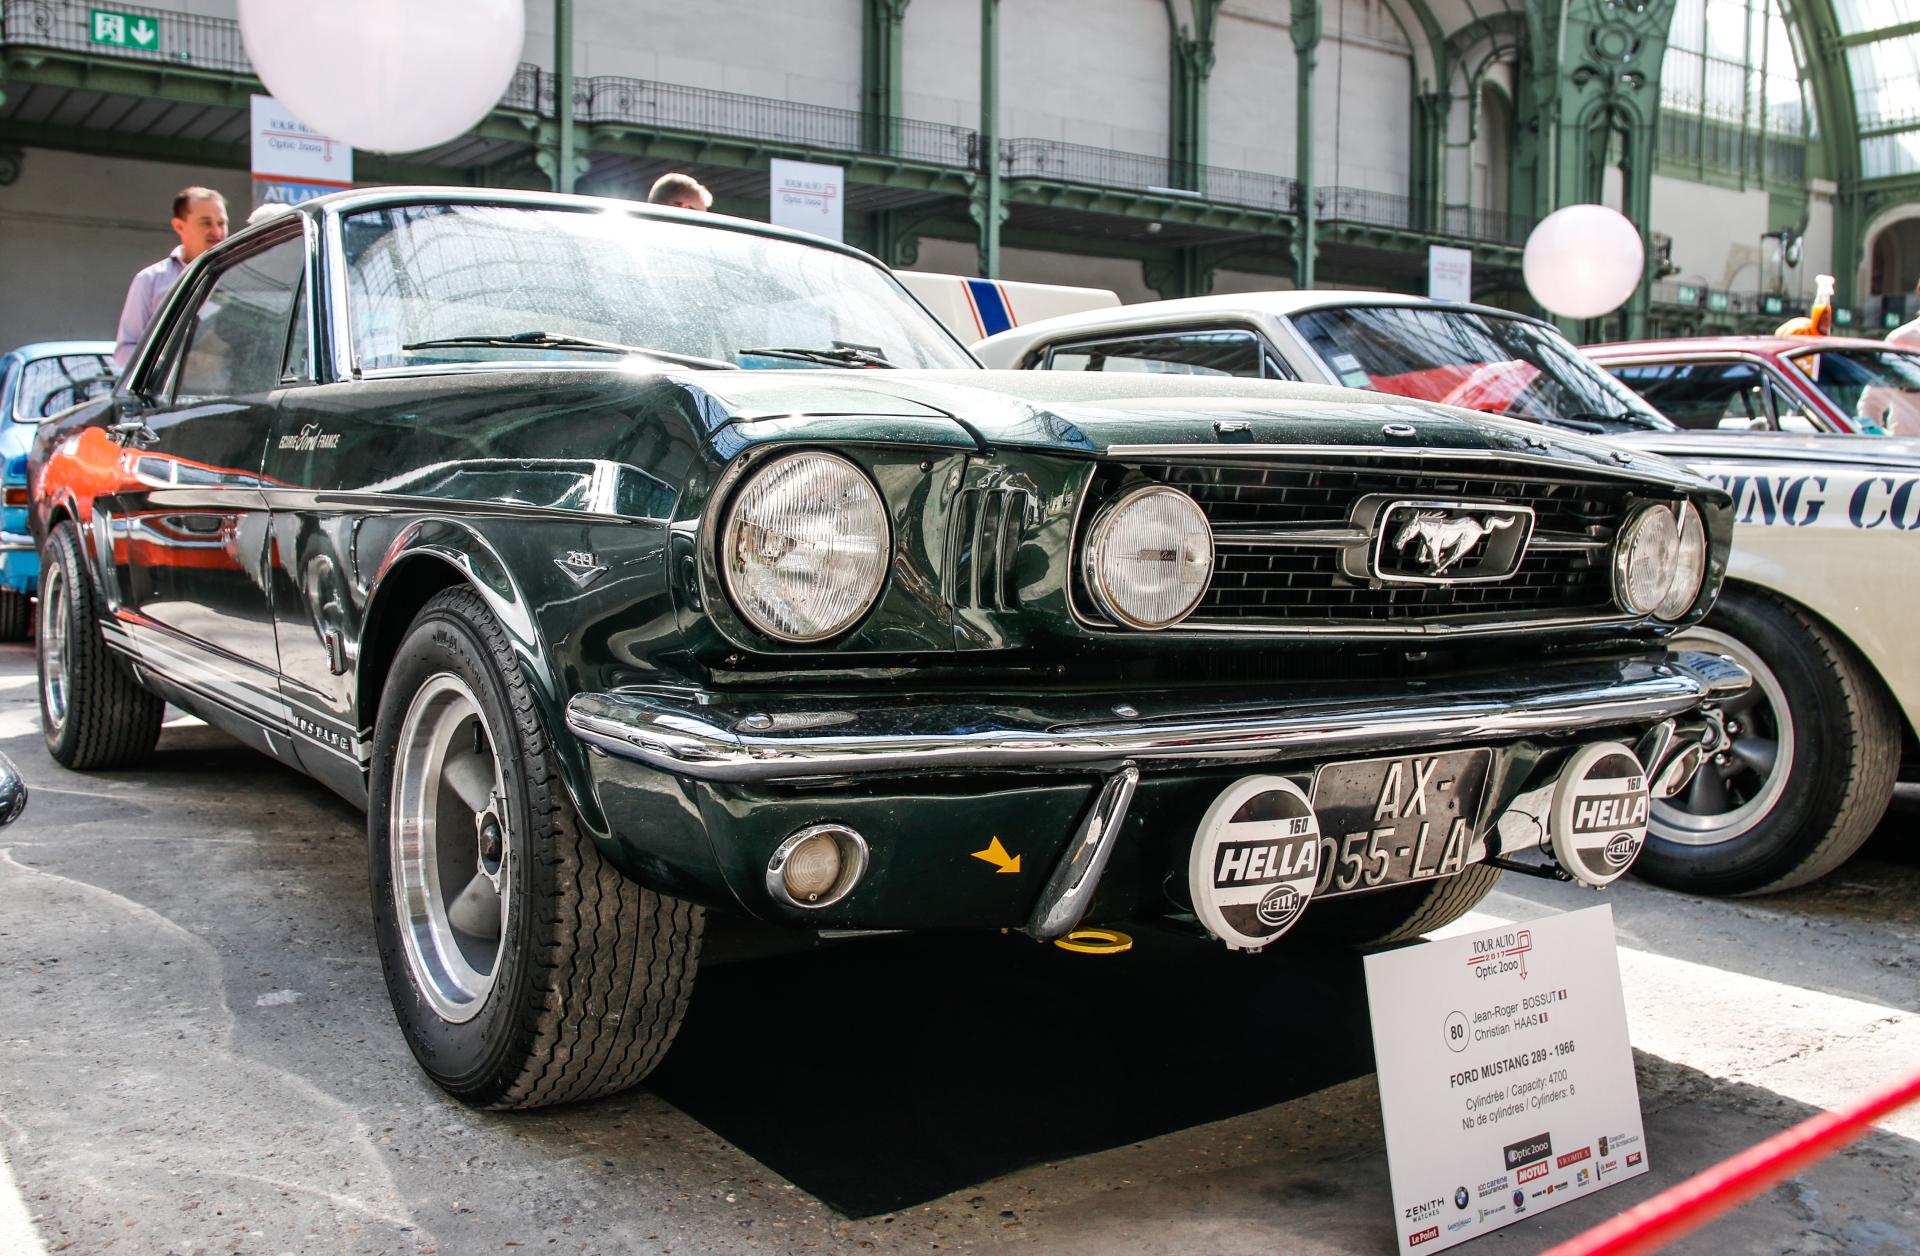 tour auto 2017 les plus belles voitures engag es ford mustang 289 1966 l 39 argus. Black Bedroom Furniture Sets. Home Design Ideas